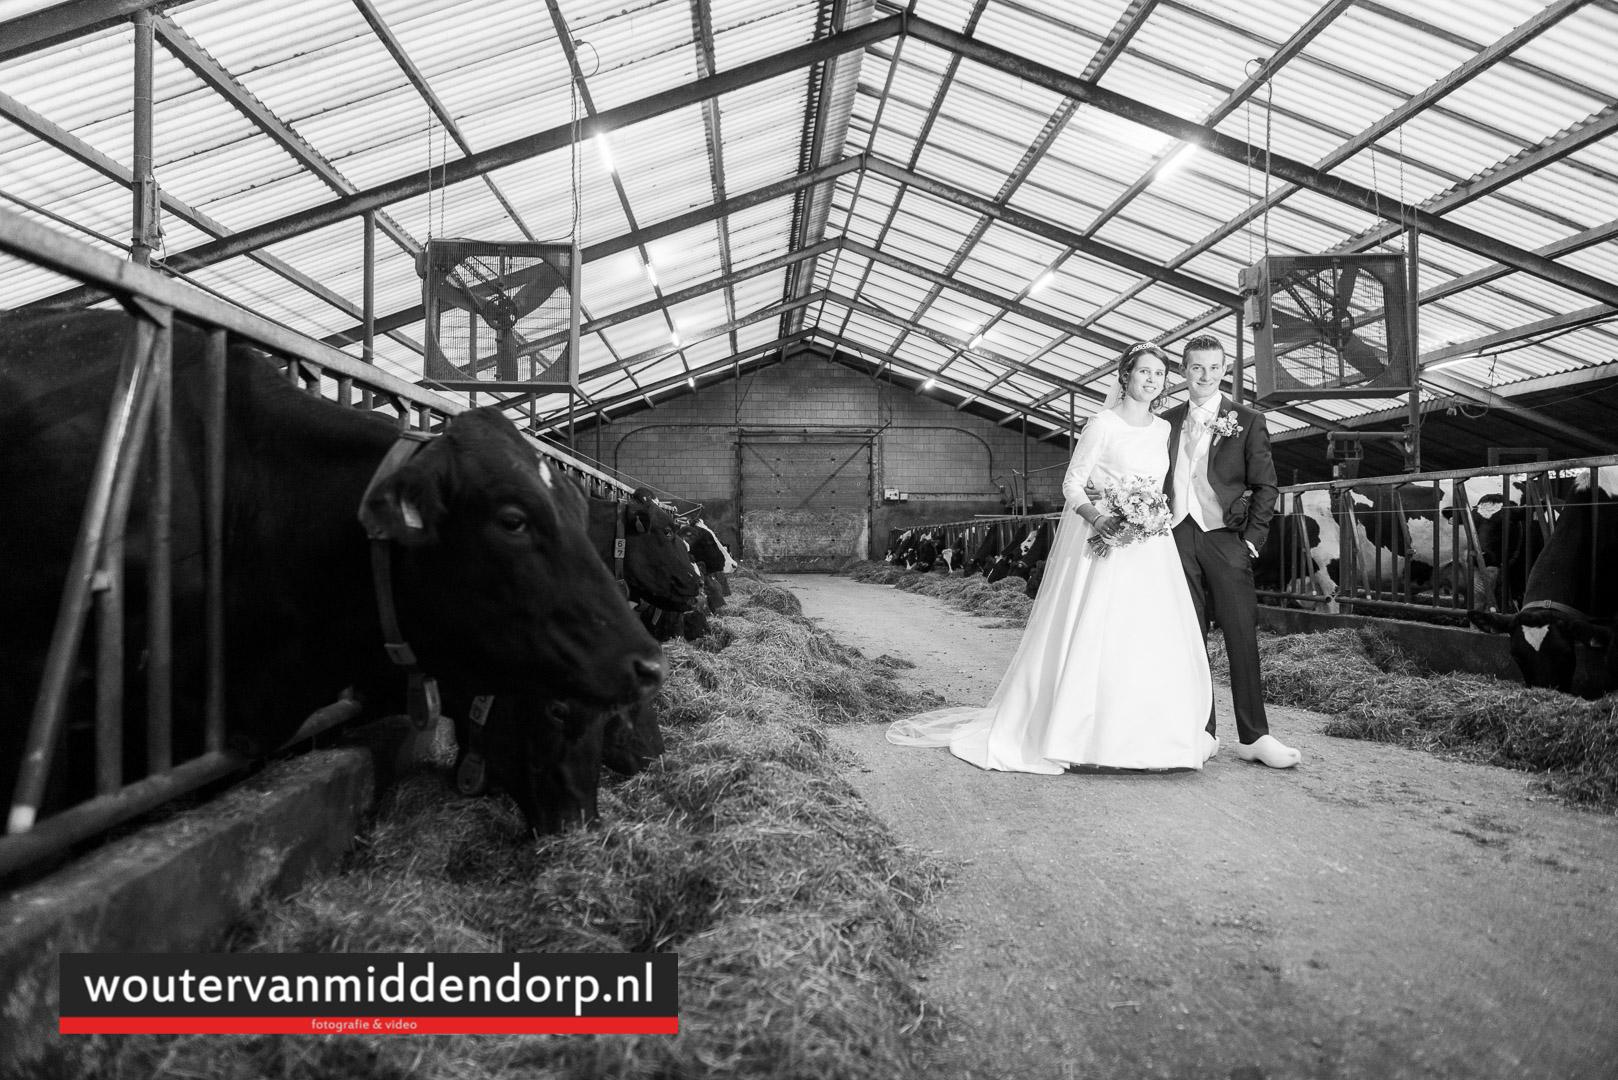 foto Wouter van Middendorp Uddel, Veluwe, Gelderland, trouwfotograaf (13)